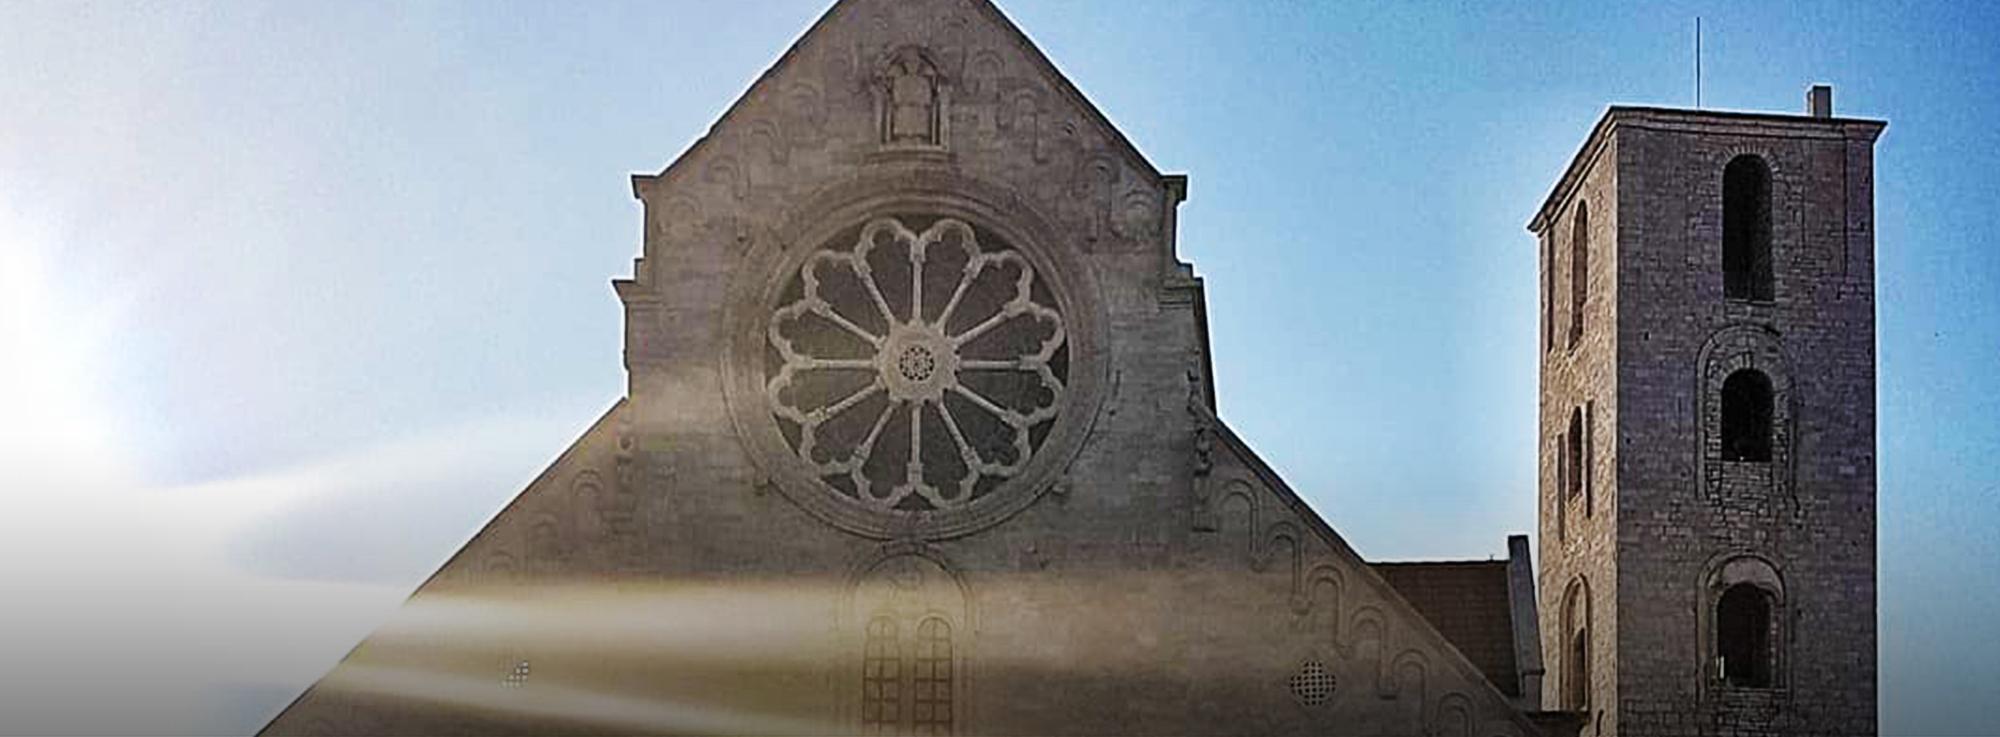 Ruvo di Puglia: La pace, cammino di speranza